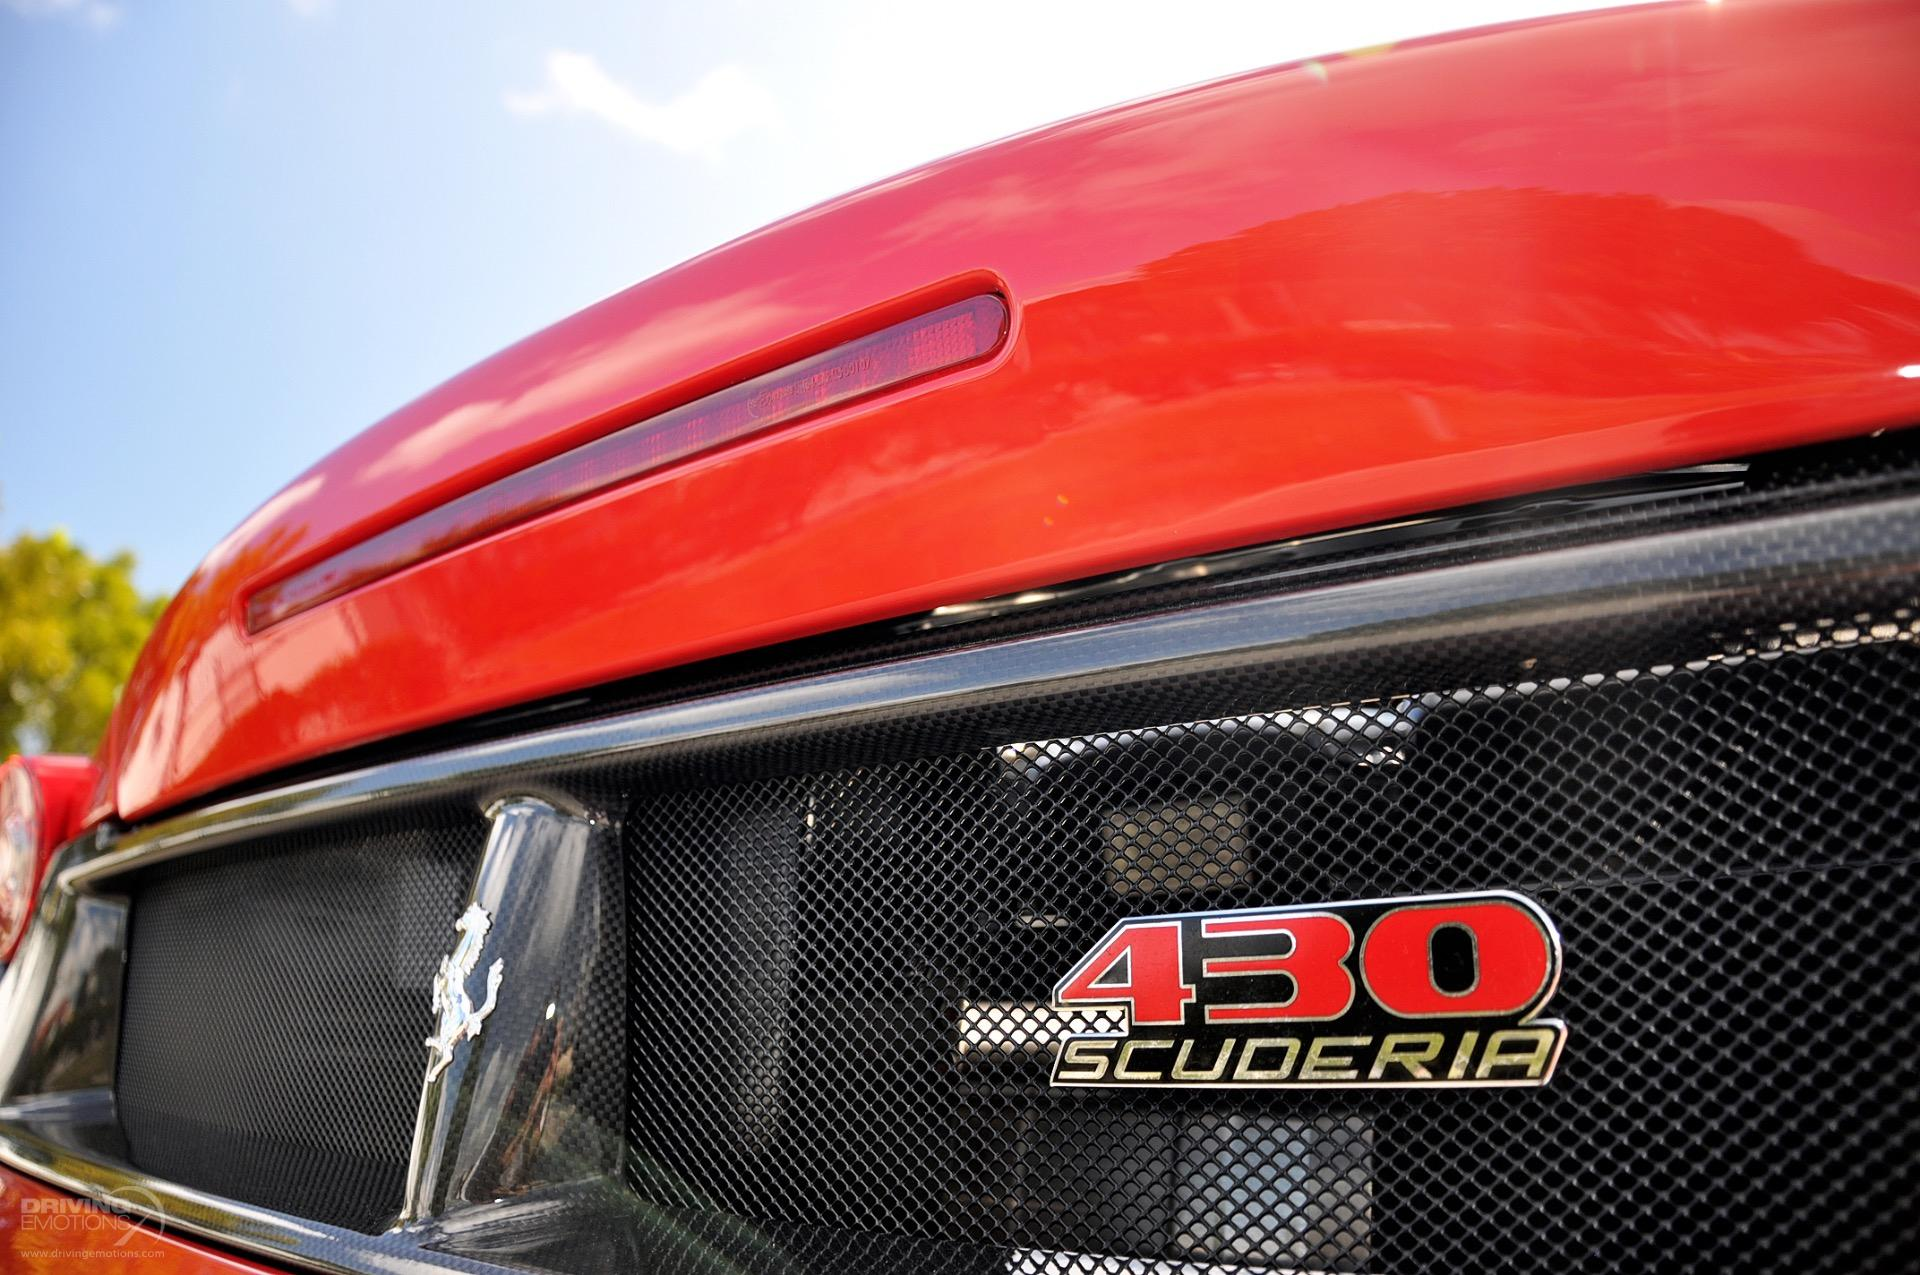 2009 Ferrari 430 Scuderia Coupe 2 Door | EBay